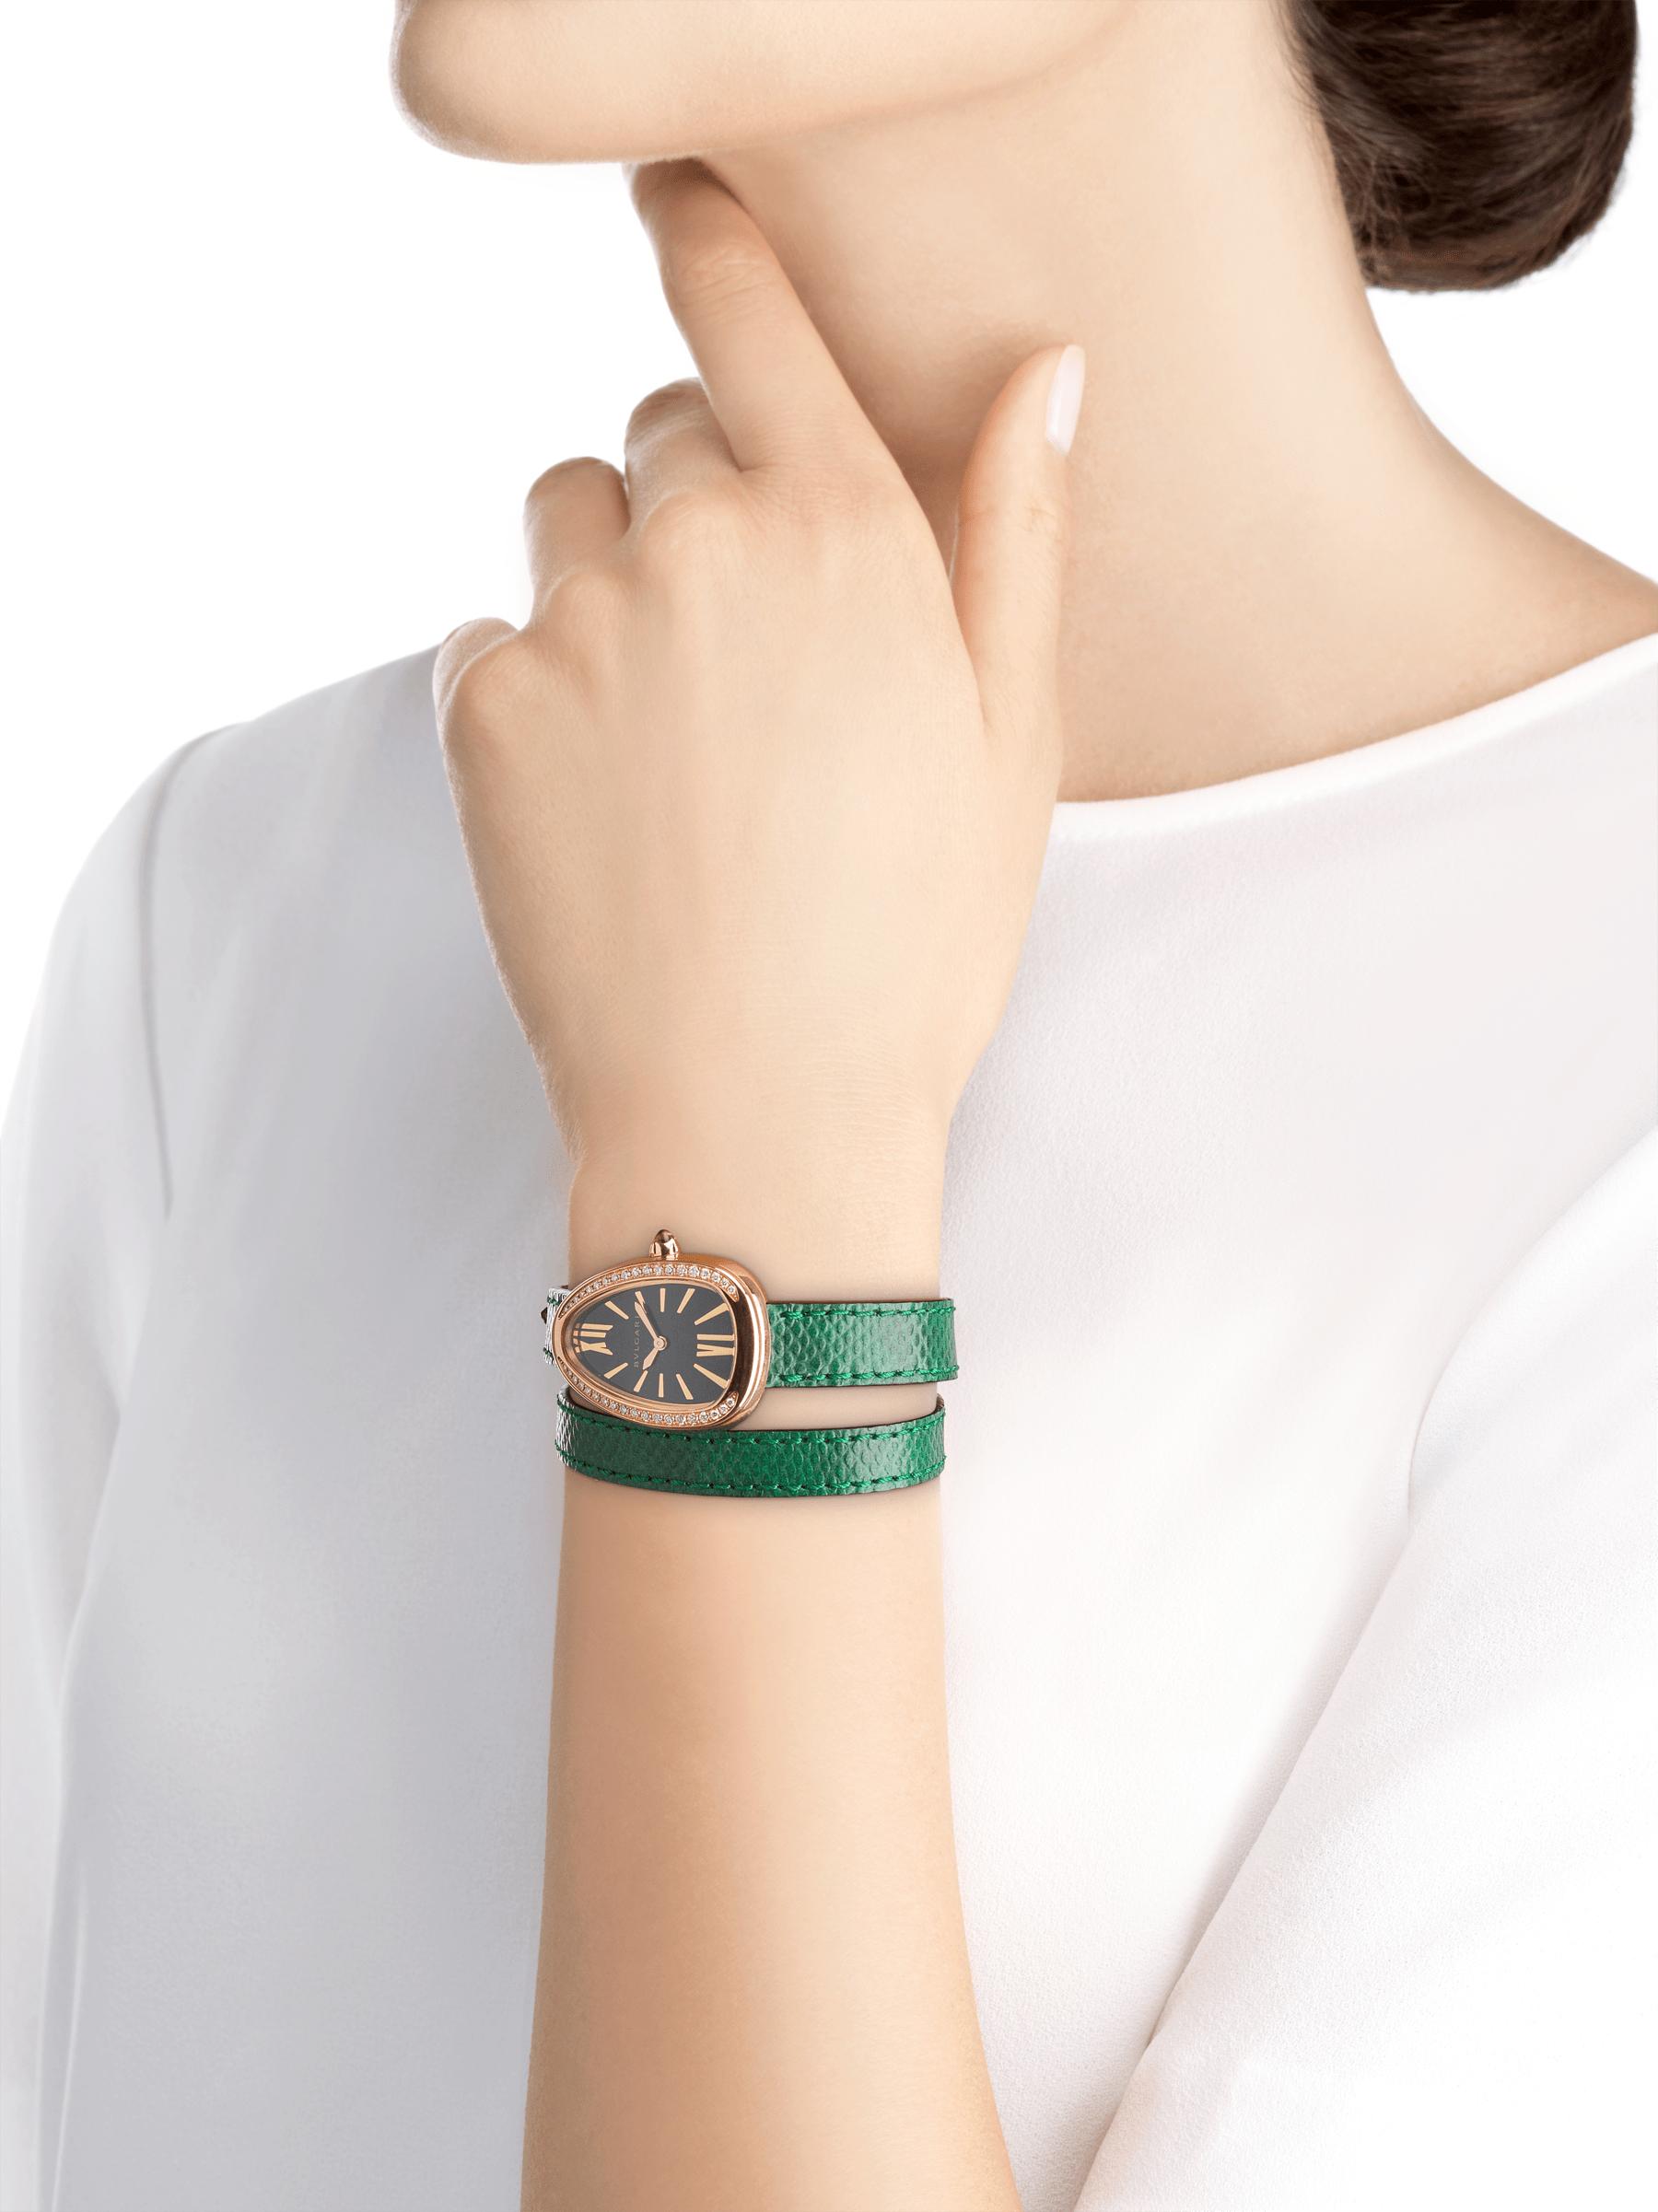 Montre Serpenti avec boîtier en or rose 18K serti de diamants ronds taille brillant, cadran laqué noir et bracelet double spirale interchangeable en cuir de karung vert 102918 image 3